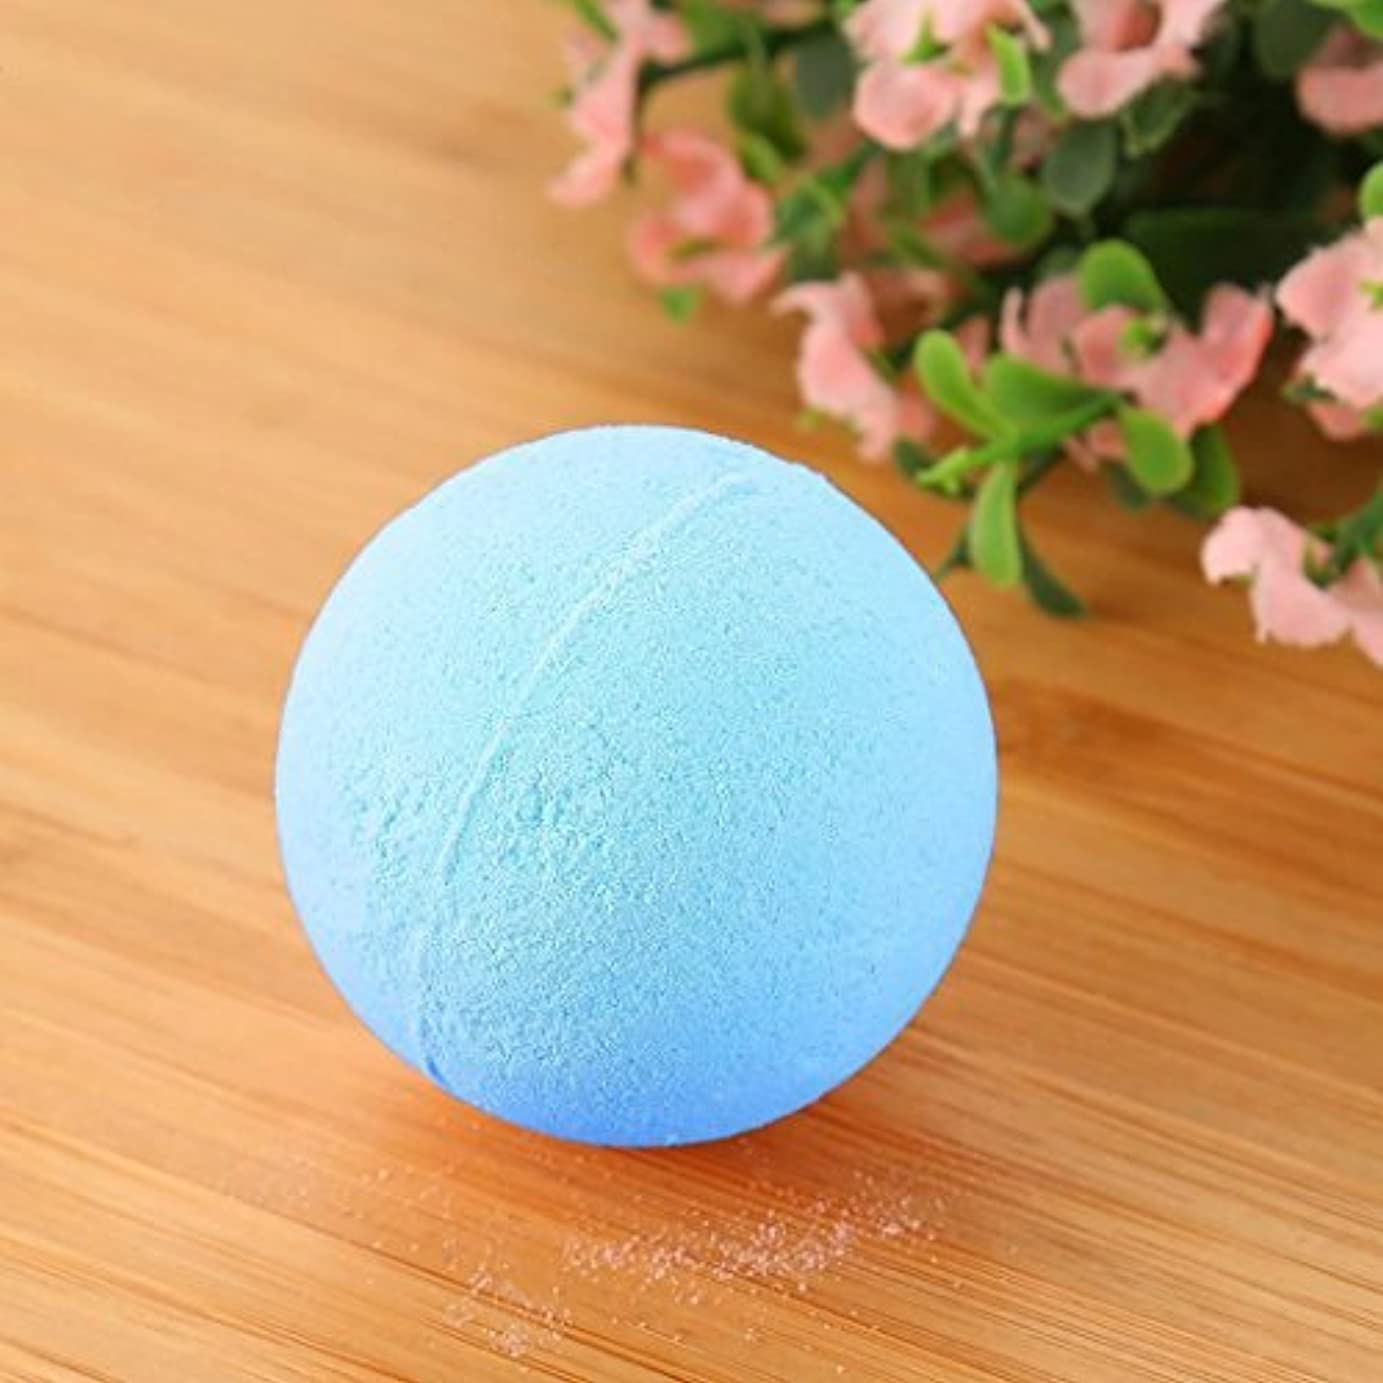 道徳の歯車ペースバブルボール塩塩浴リラックス女性のための贈り物